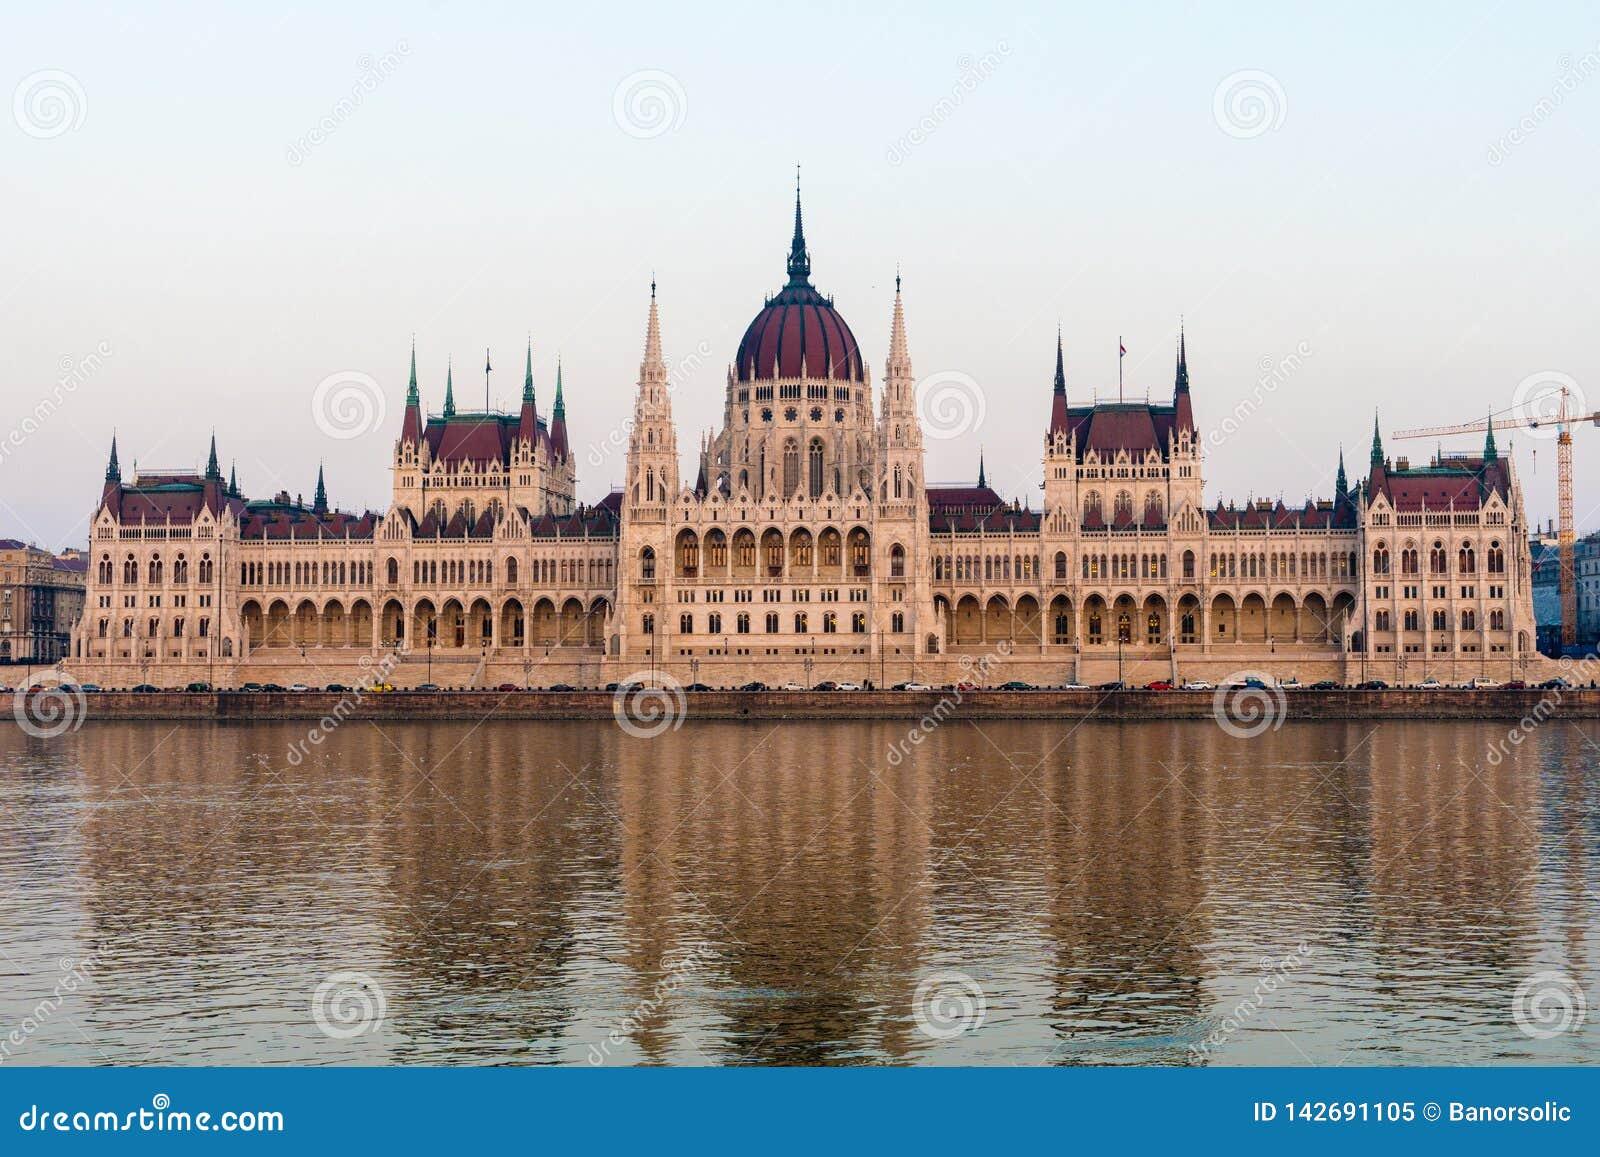 Κτήριο του Κοινοβουλίου στη Βουδαπέστη Ουγγαρία στον ποταμό Δούναβη Διάσημη θέση τουριστών